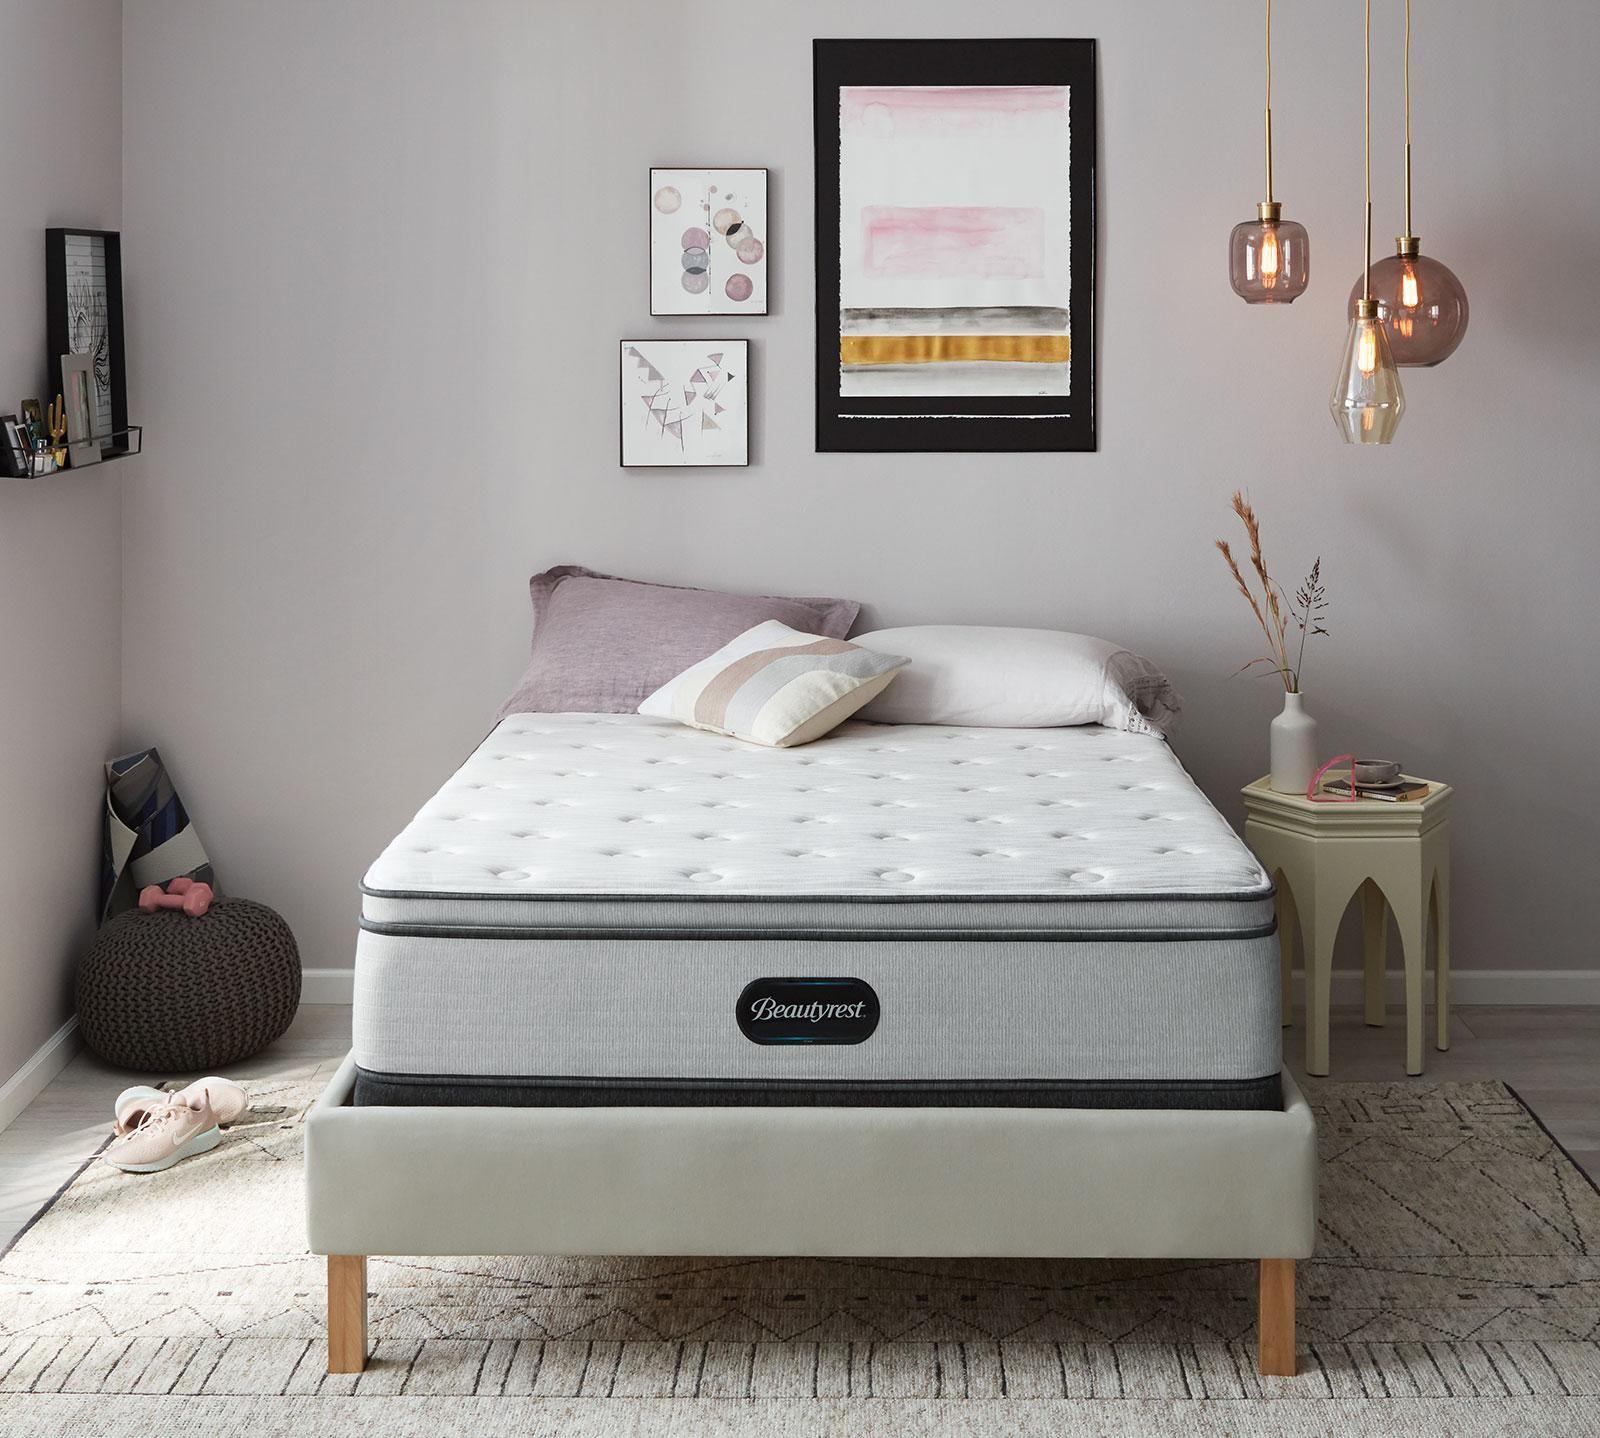 Beautyrest BR800 13.5 Medium Pillow Top Mattress